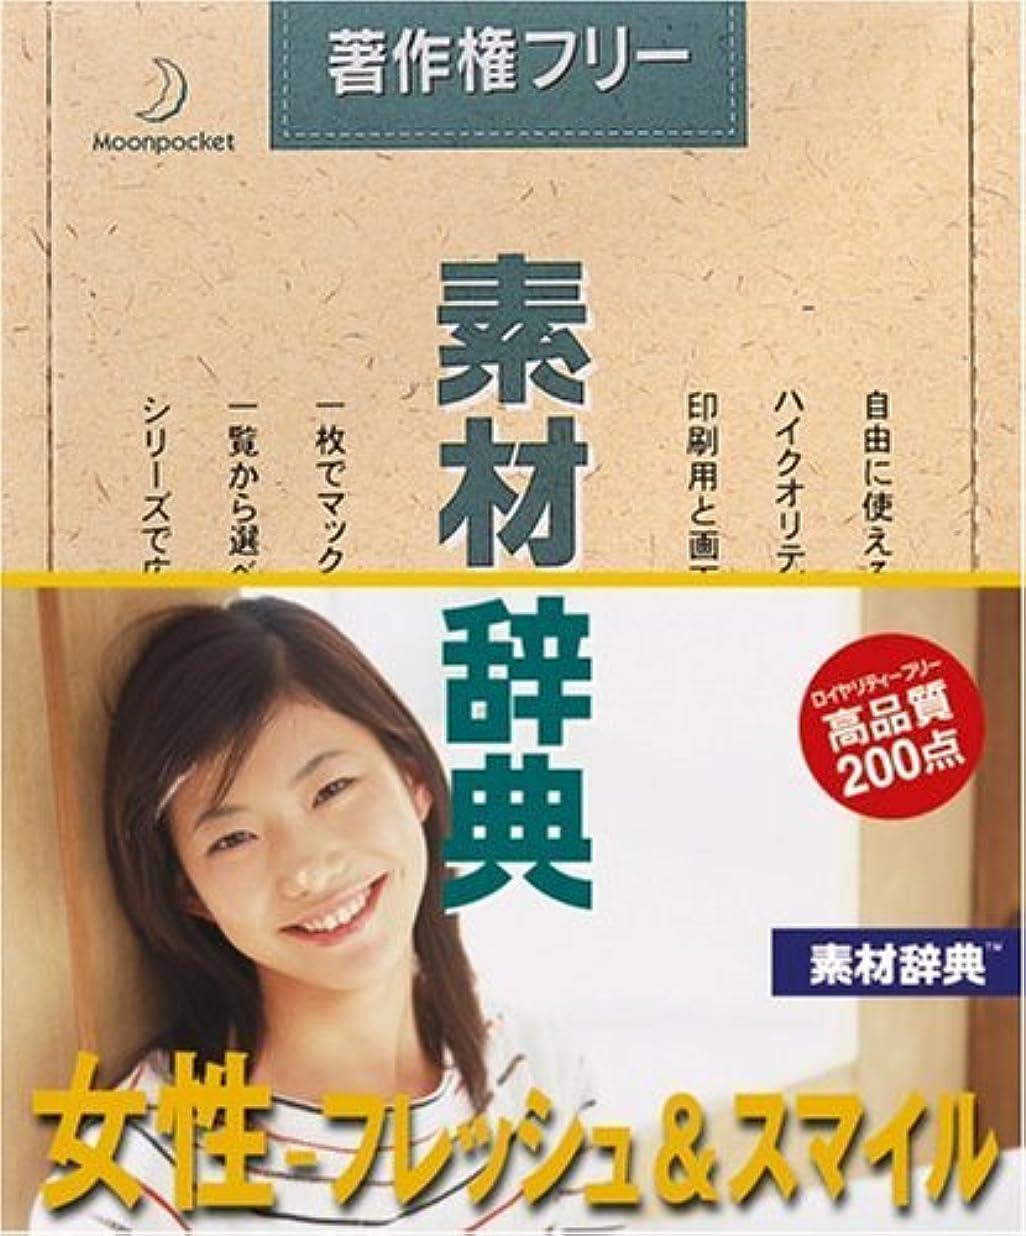 小康急降下やさしい素材辞典 Vol.142 女性~フレッシュ&スマイル編